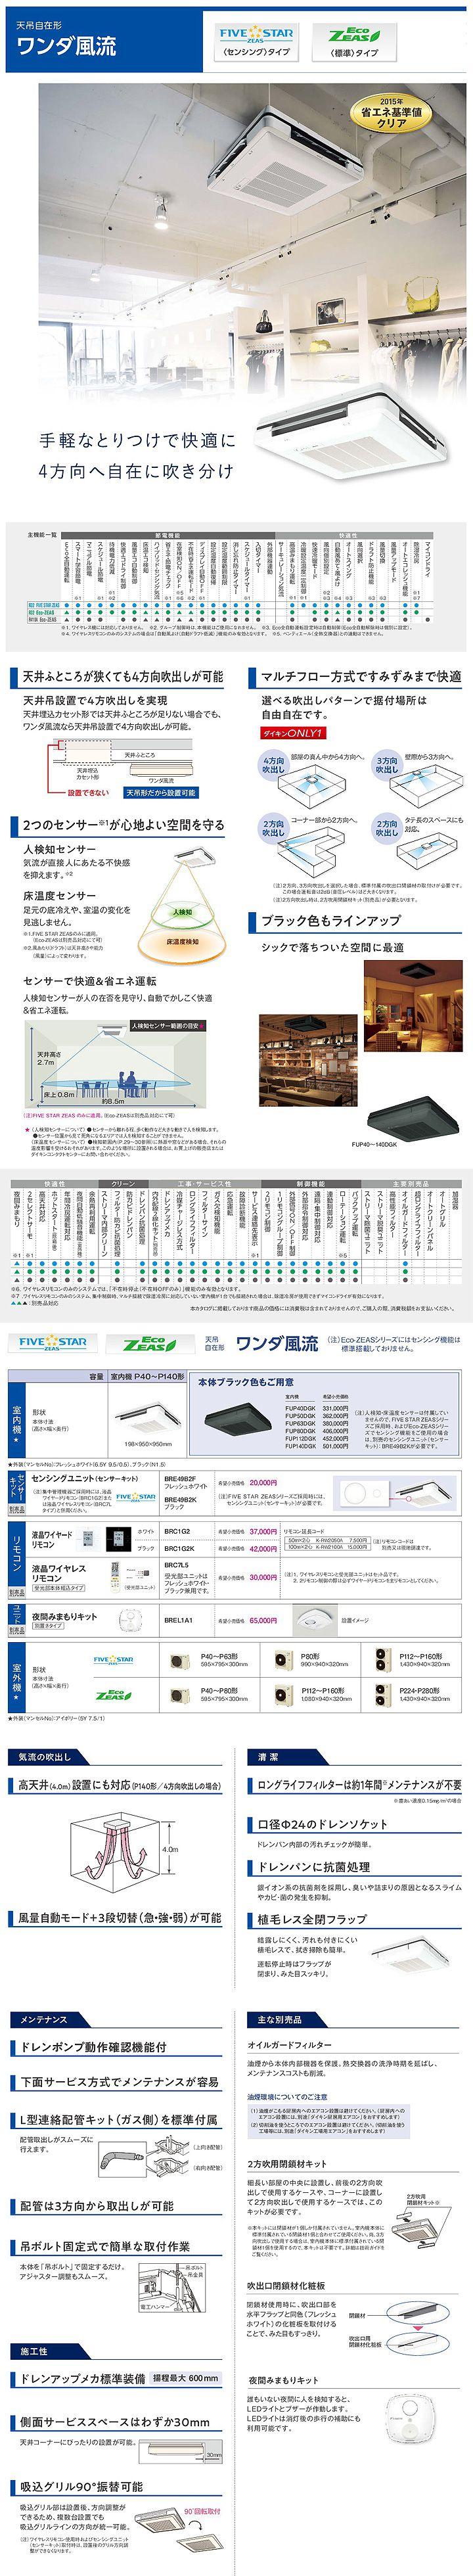 SSRU80BCNTDカタログ